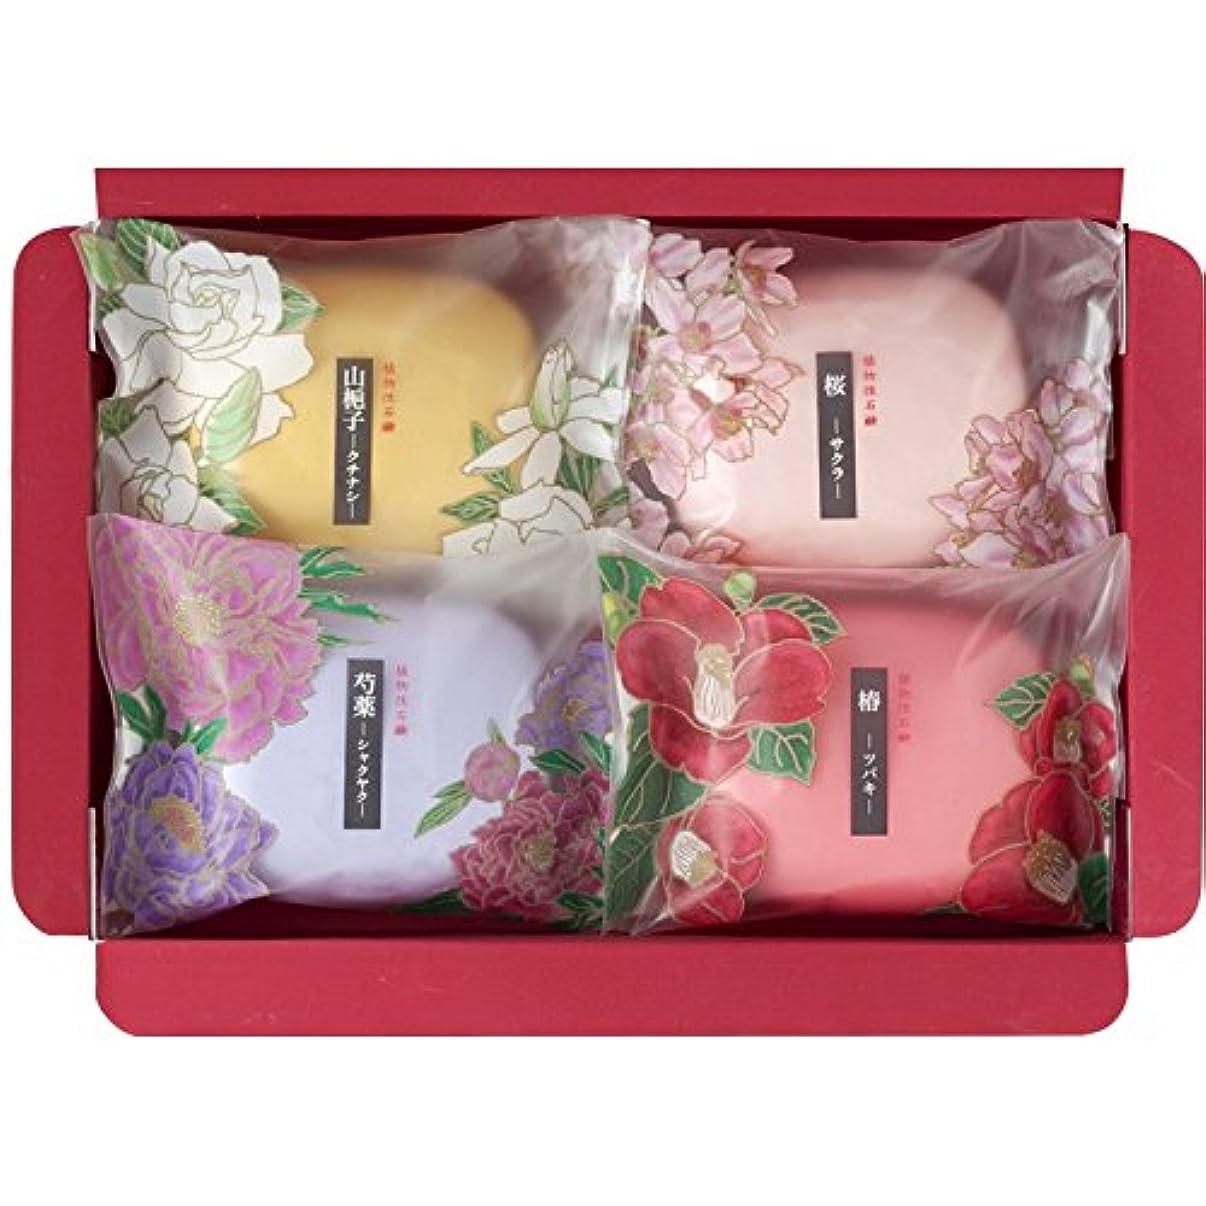 変換する伝える会計彩花だより SAK-05 【石けん 石鹸 うるおい いい香り 固形 詰め合わせ セット 良い香り 美容 個包装 肌に優しい 日本製】